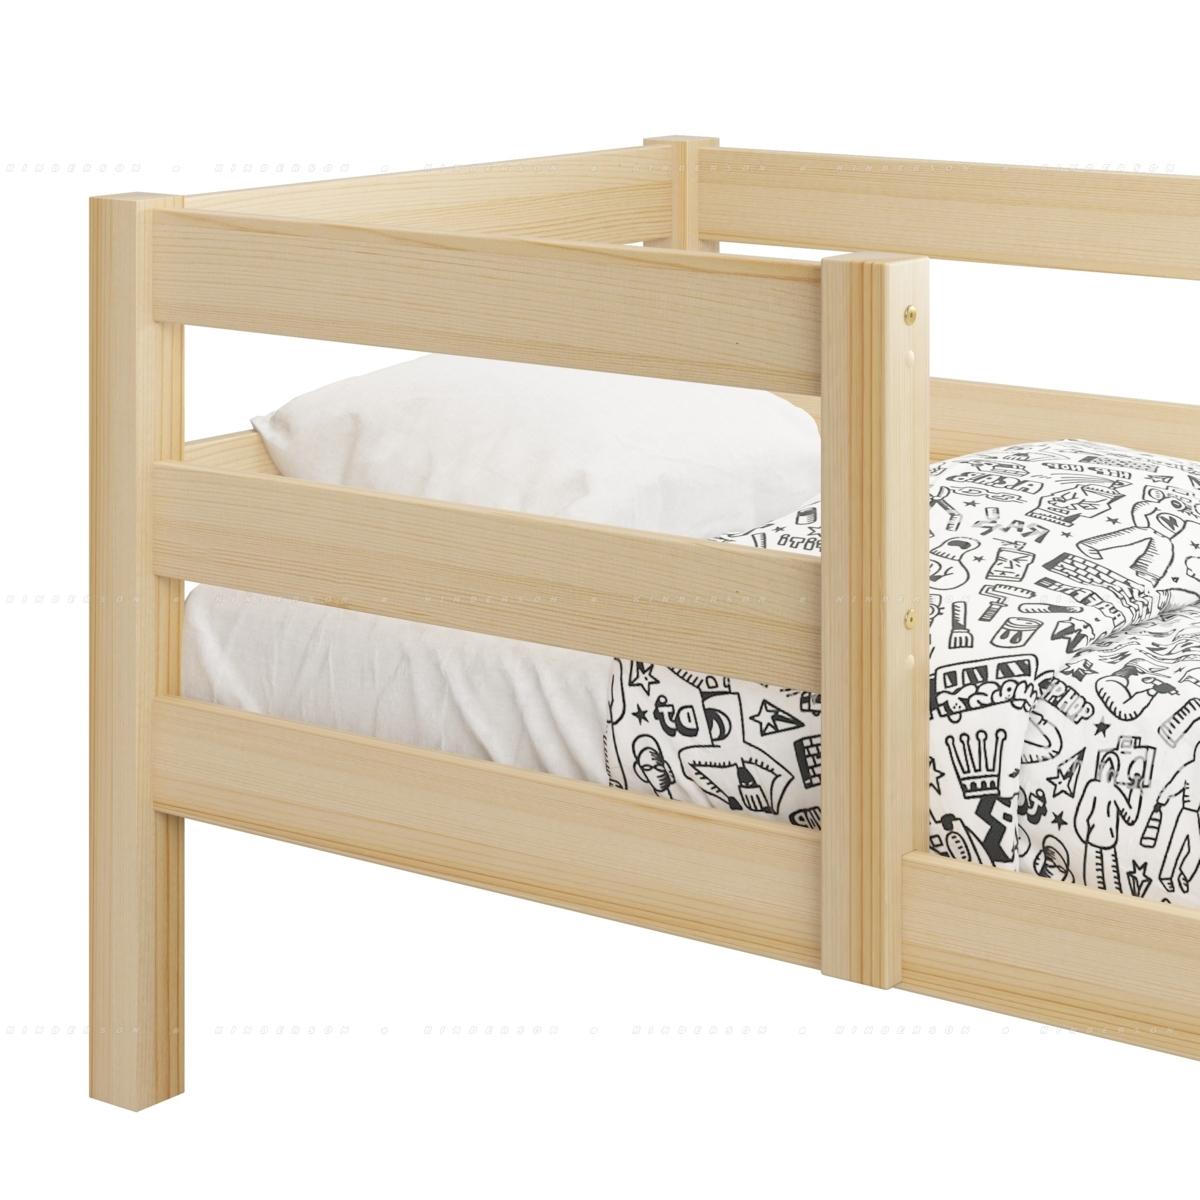 Бортик крепится к спинке и царге. В спинках кровати имеются отверстия для крепления. Крепление к царге невидимое (крепится изнутри).